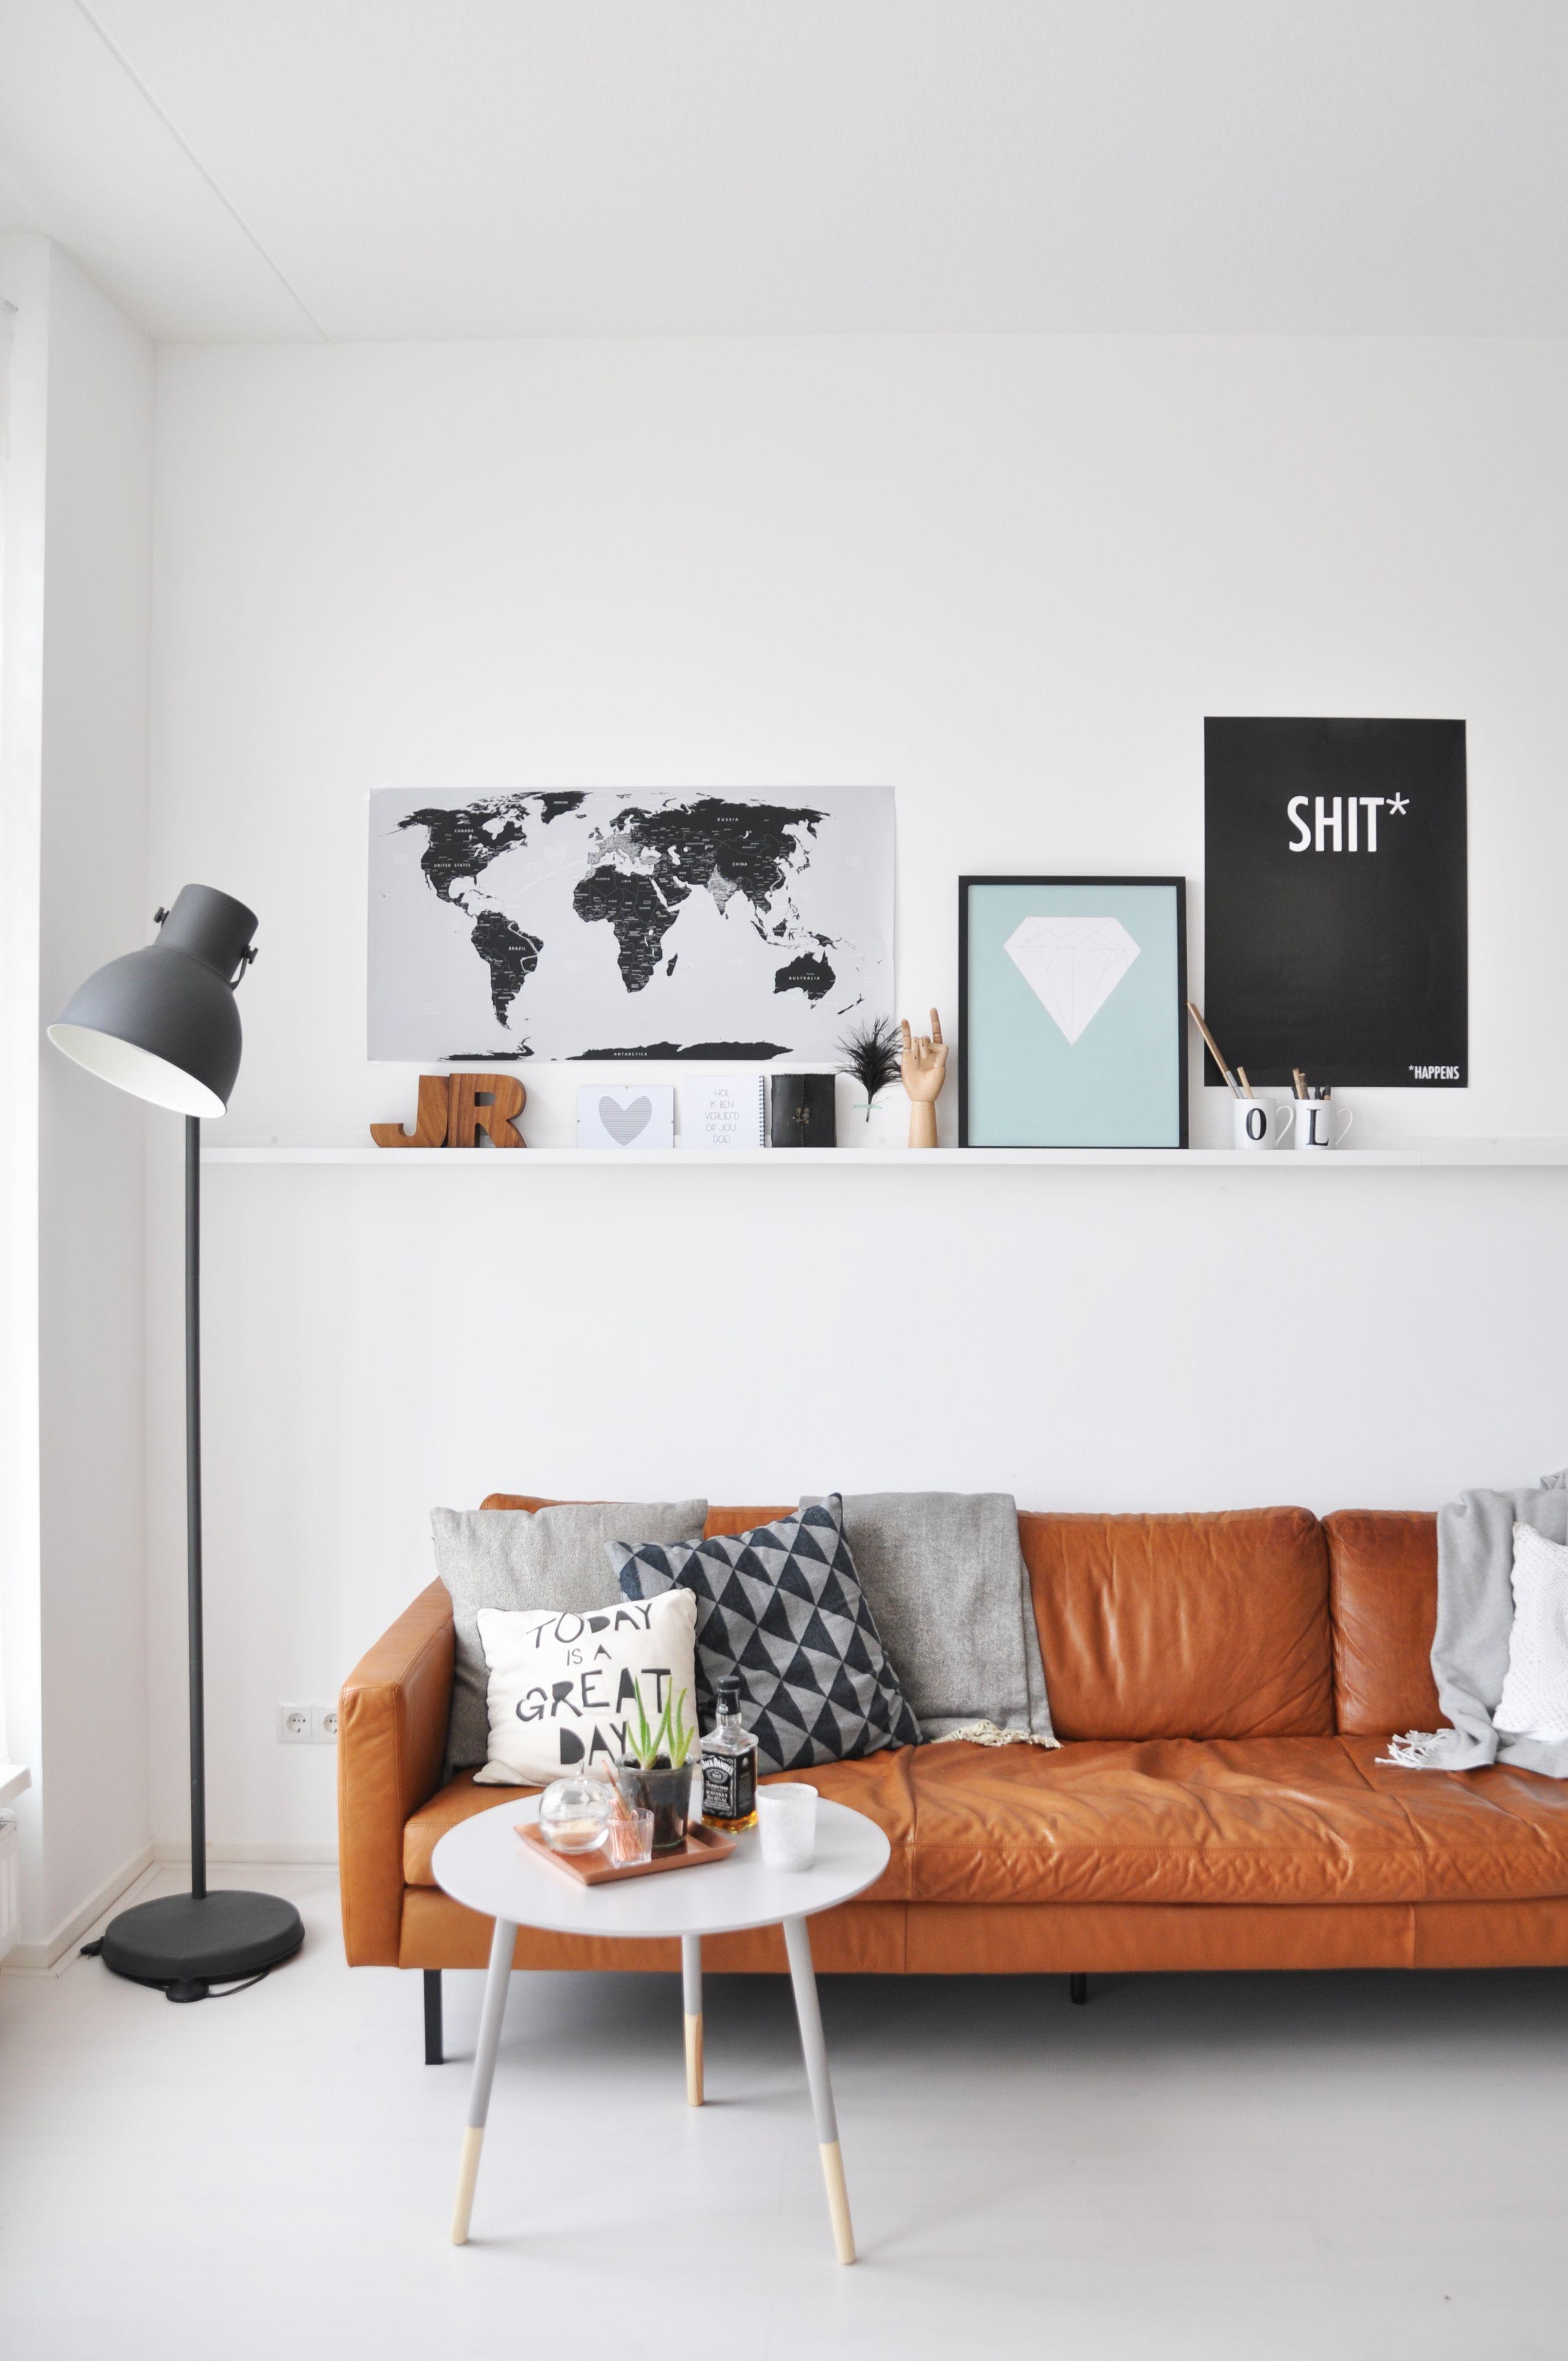 Inspiratie voor je woonkamer vind je op Shopinstijlnl in